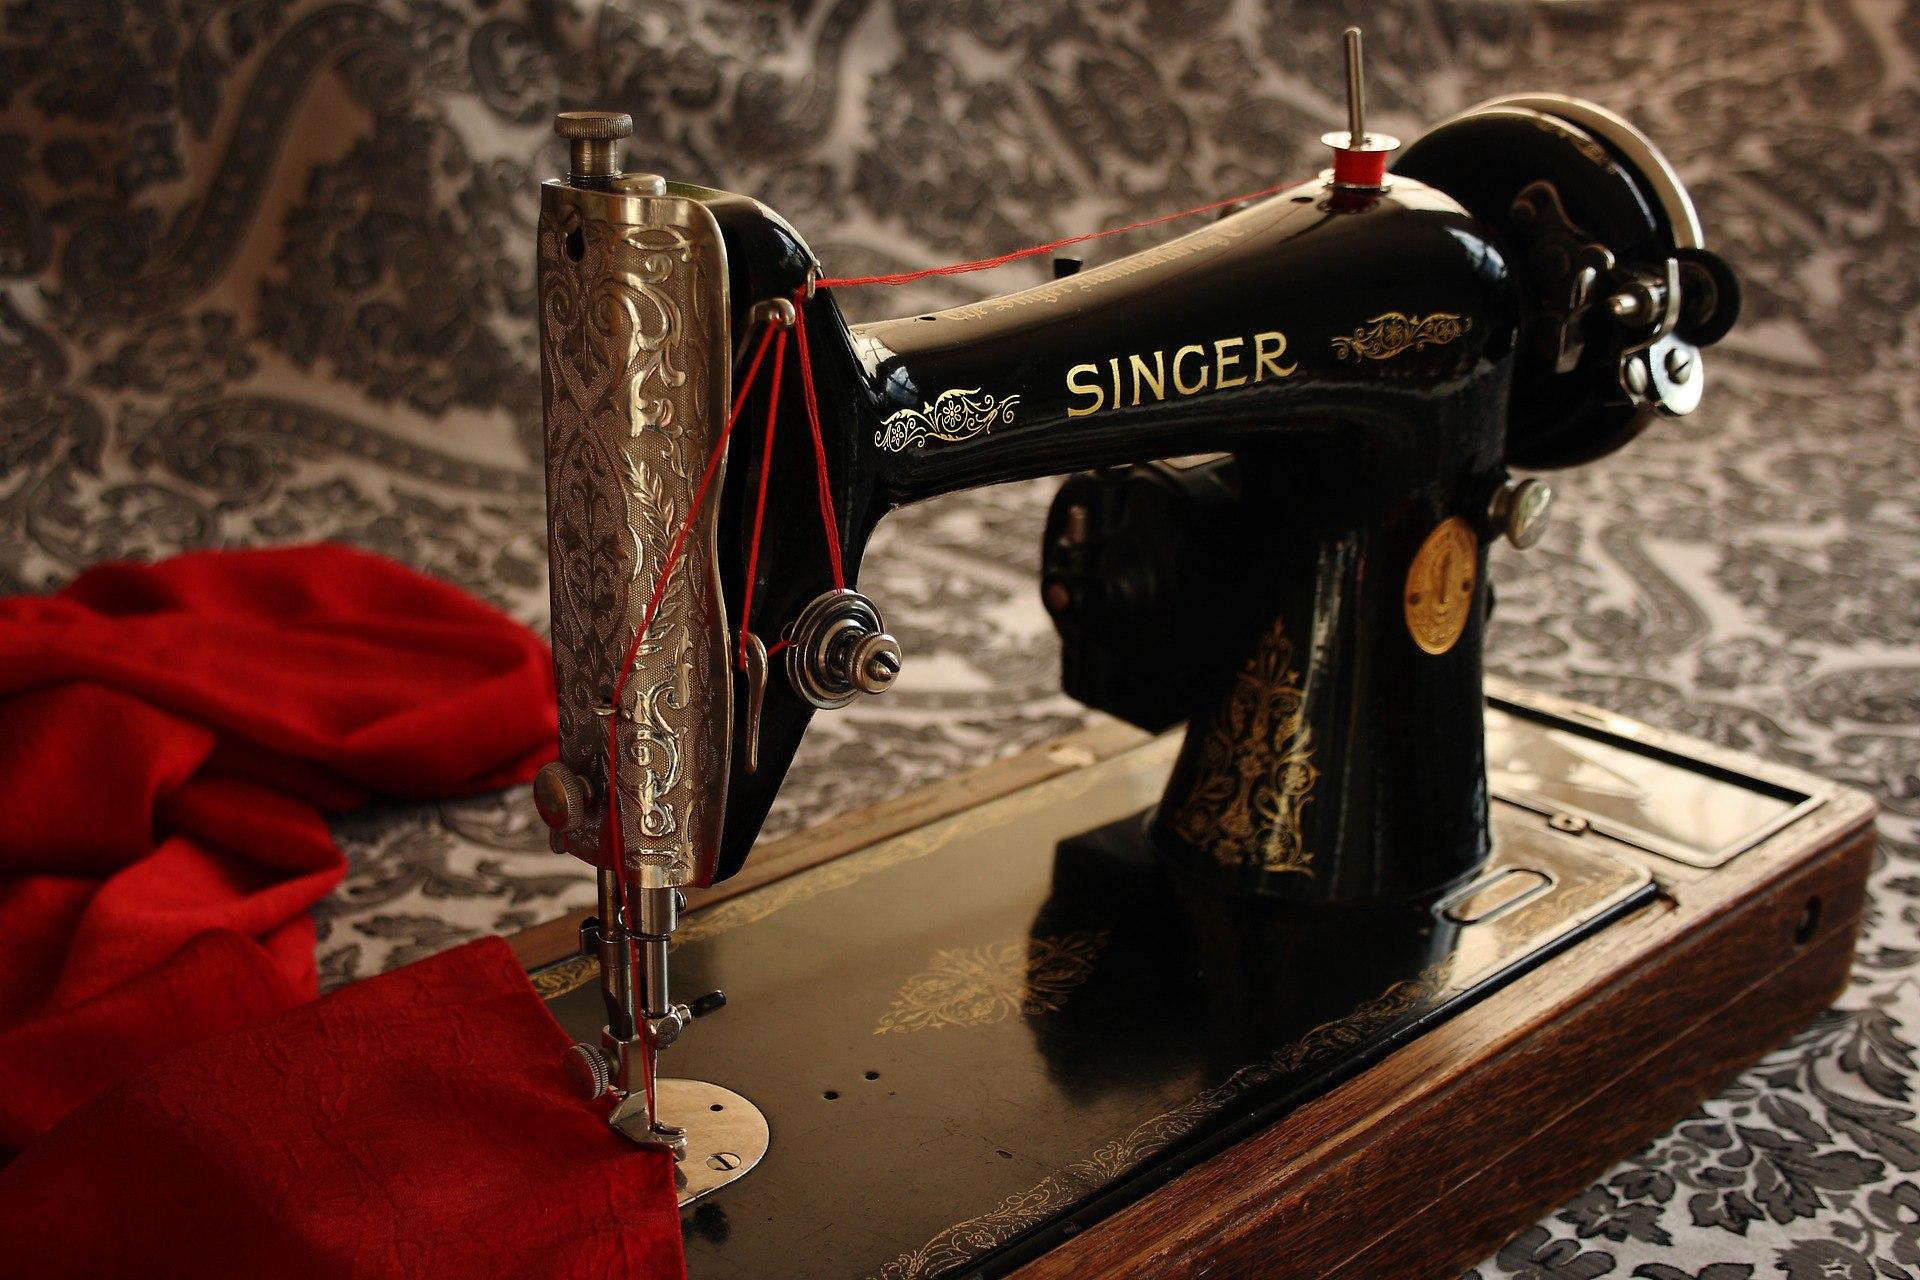 про швейные машинки, оверлоки, коверлоки, распошивалки  Z63u3B_nWAY